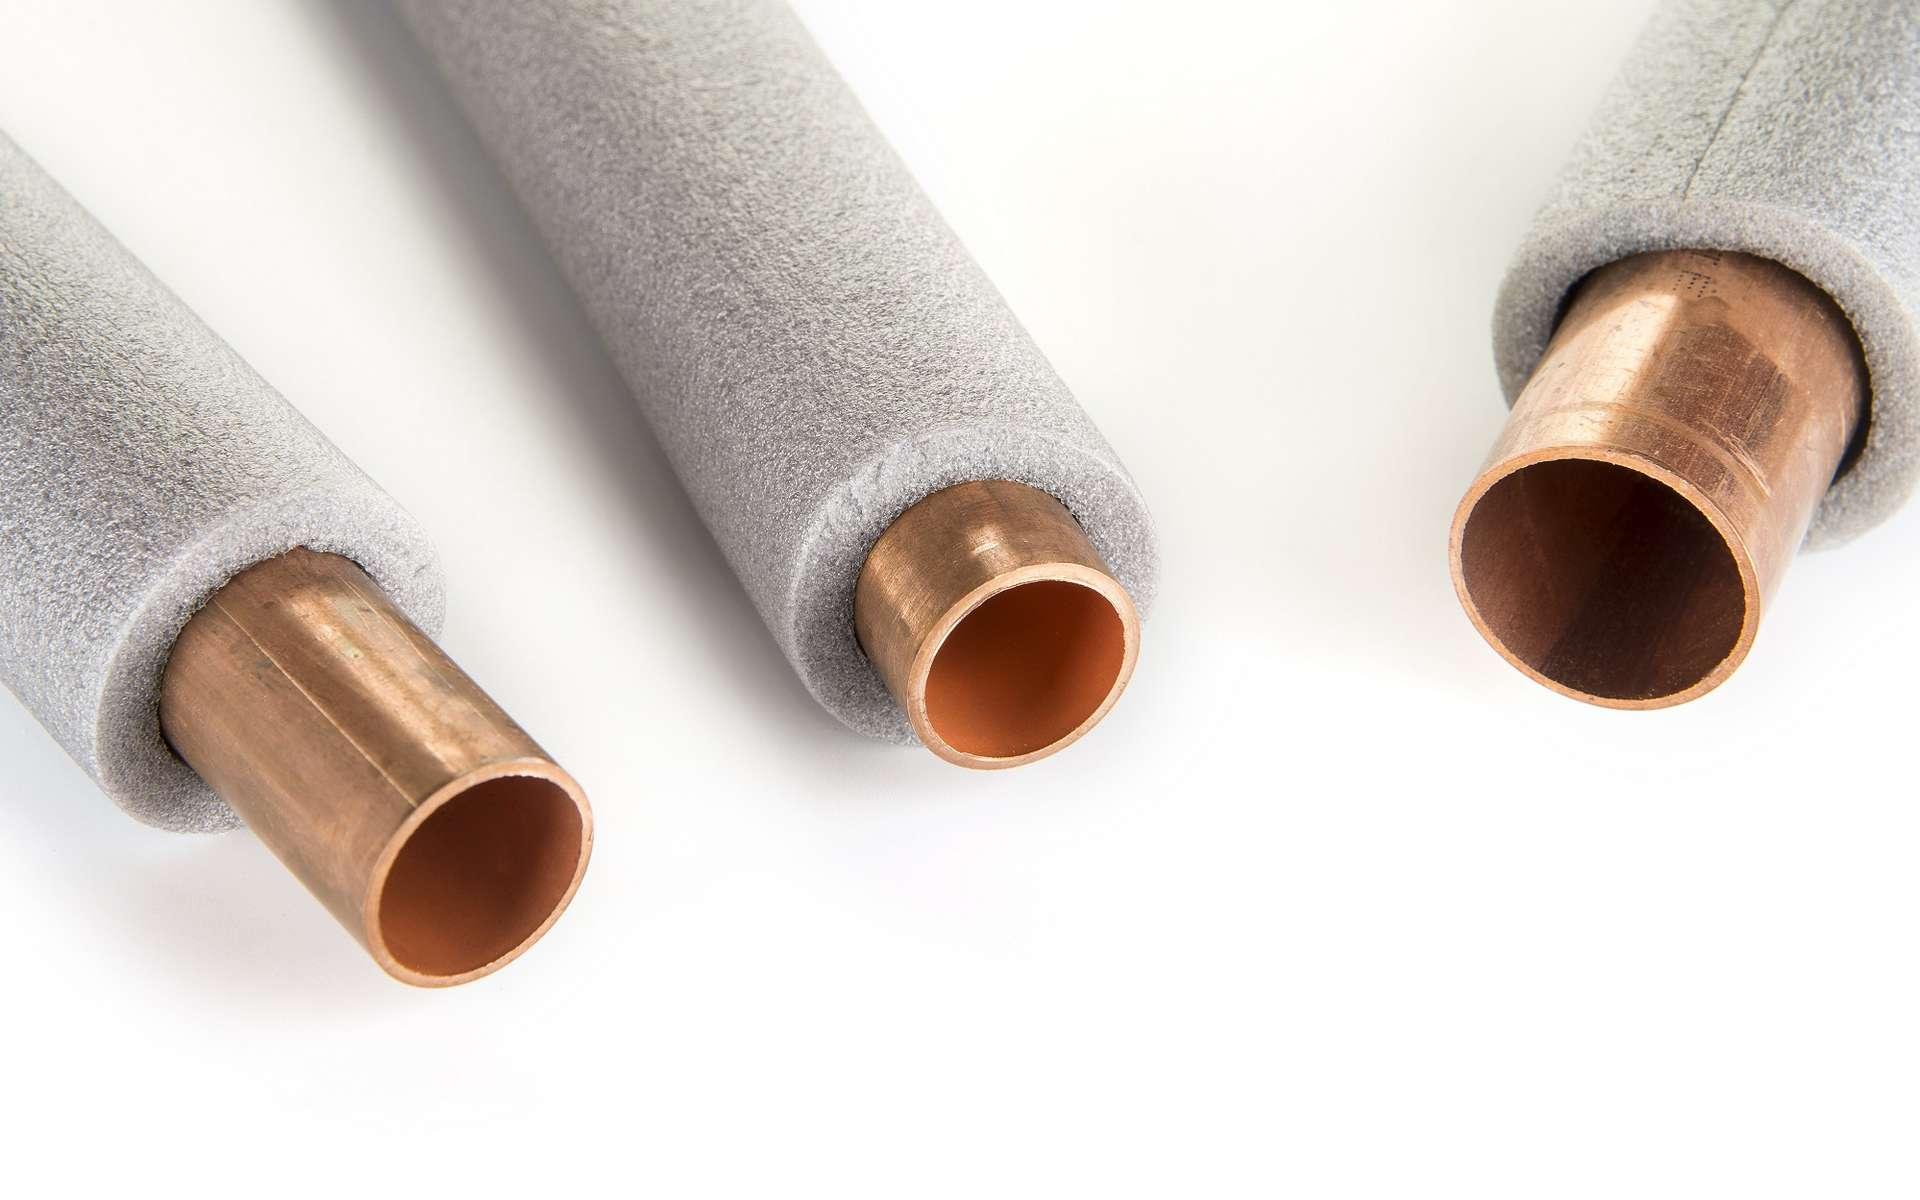 Isoler les tubes d'un circuit de chauffage ou d'eau chaude sanitaire permet de réduire les déperditions thermiques sur l'ensemble du circuit. © Otto, Adobe Stock